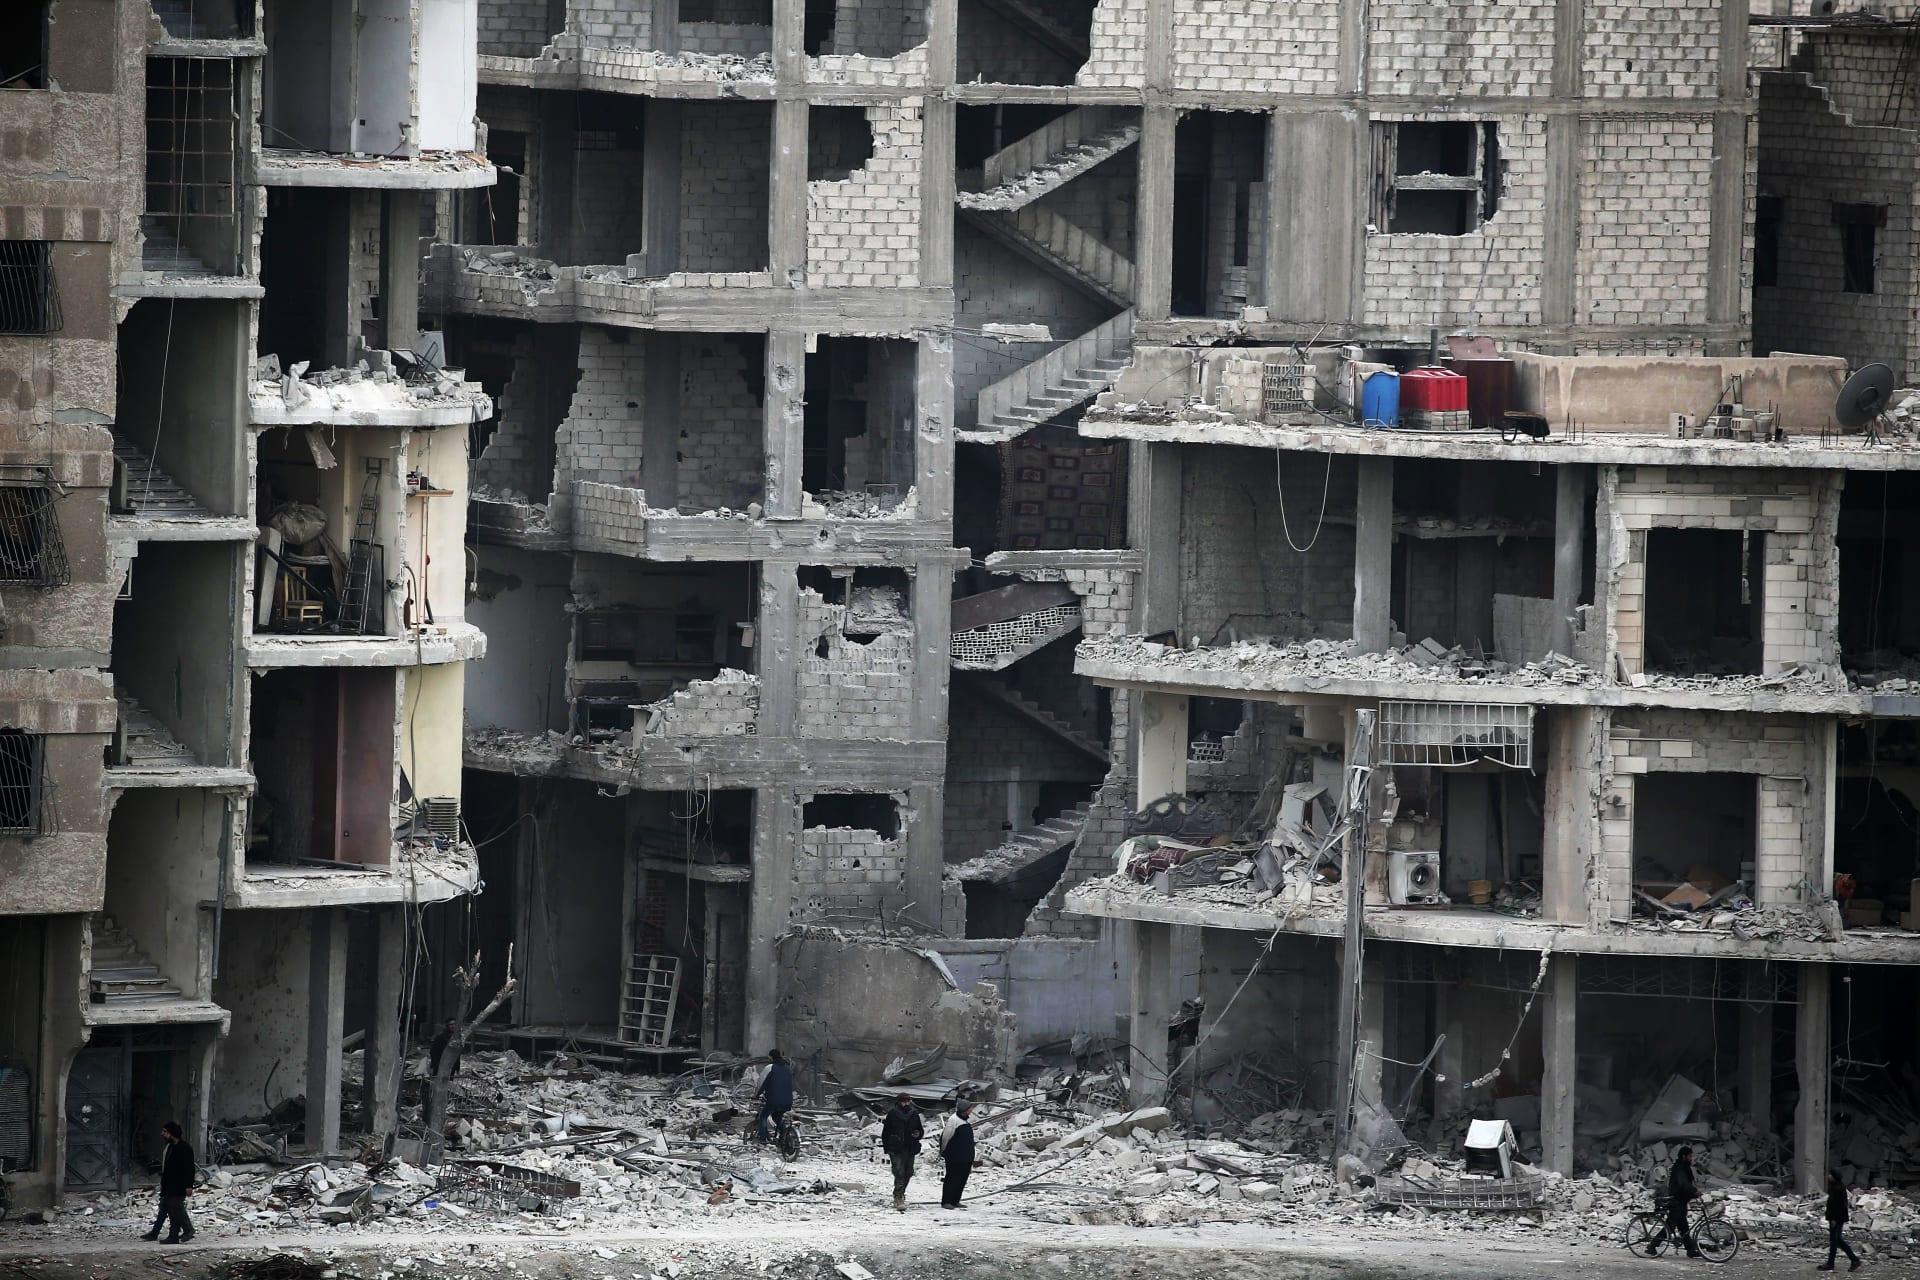 الأمين العام للأمم المتحدة حول الغوطة الشرقية: جحيم على الأرض